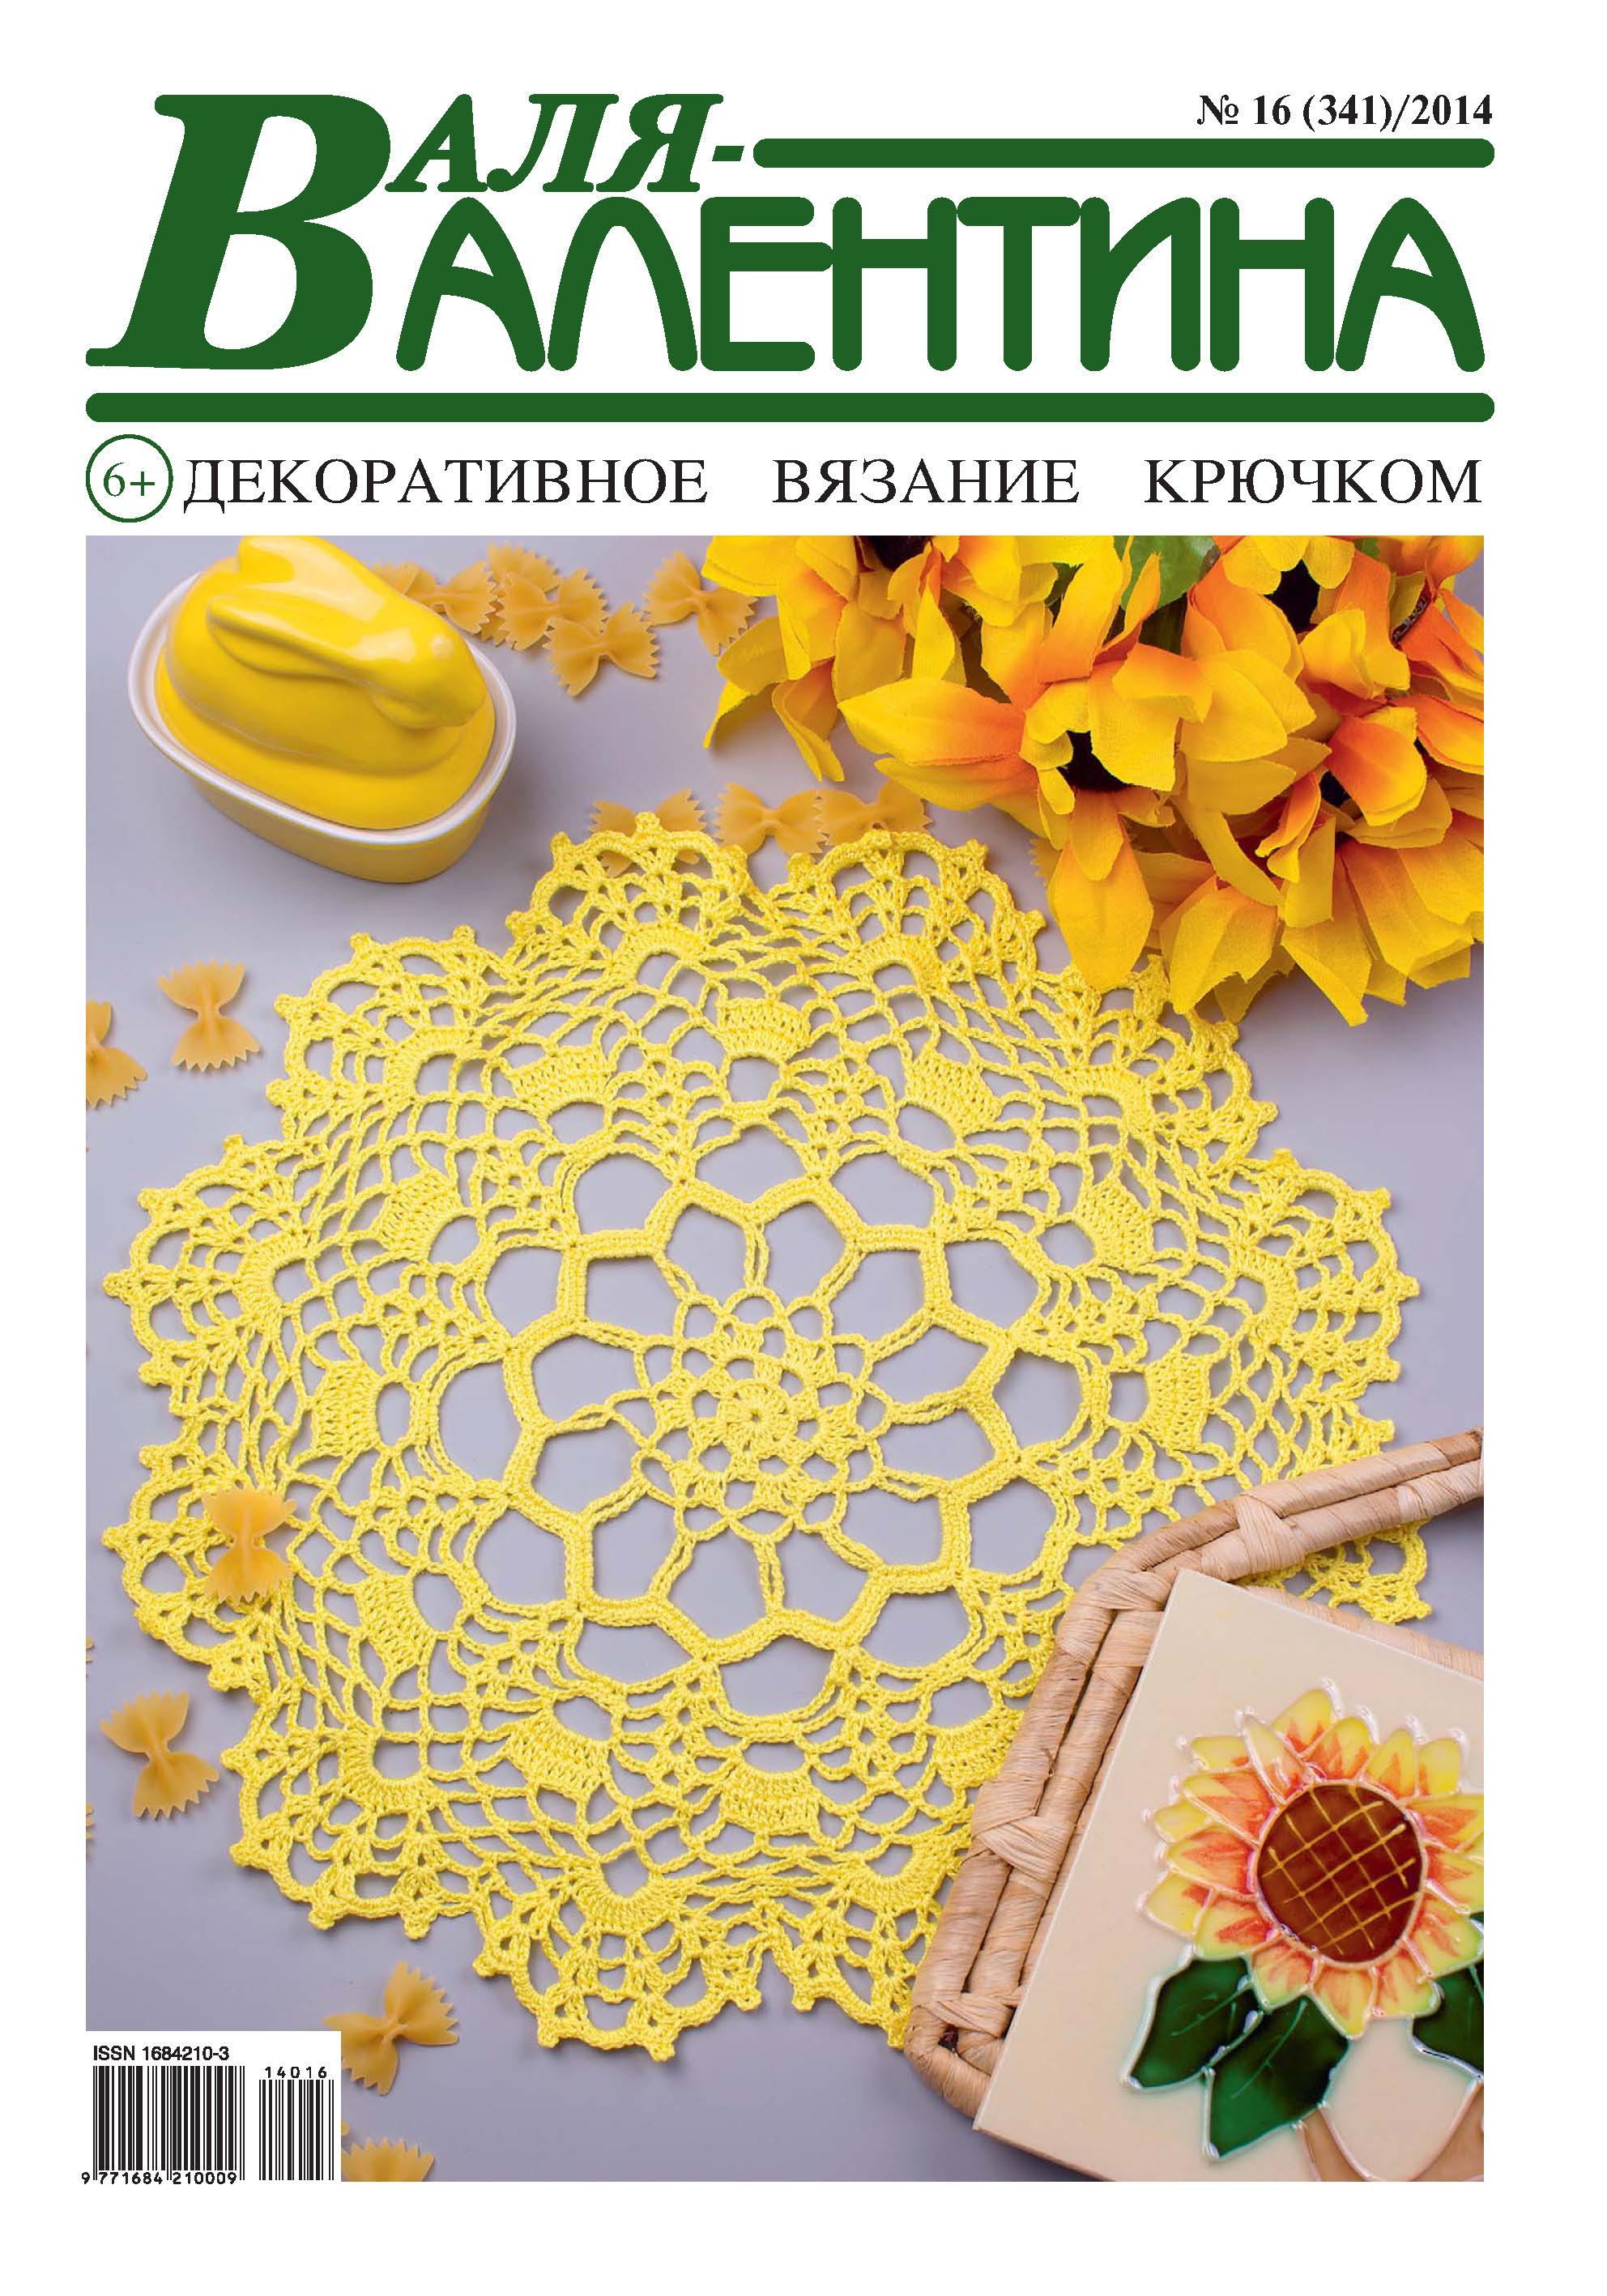 Валя-Валентина. Декоративное вязание крючком. №16/2014